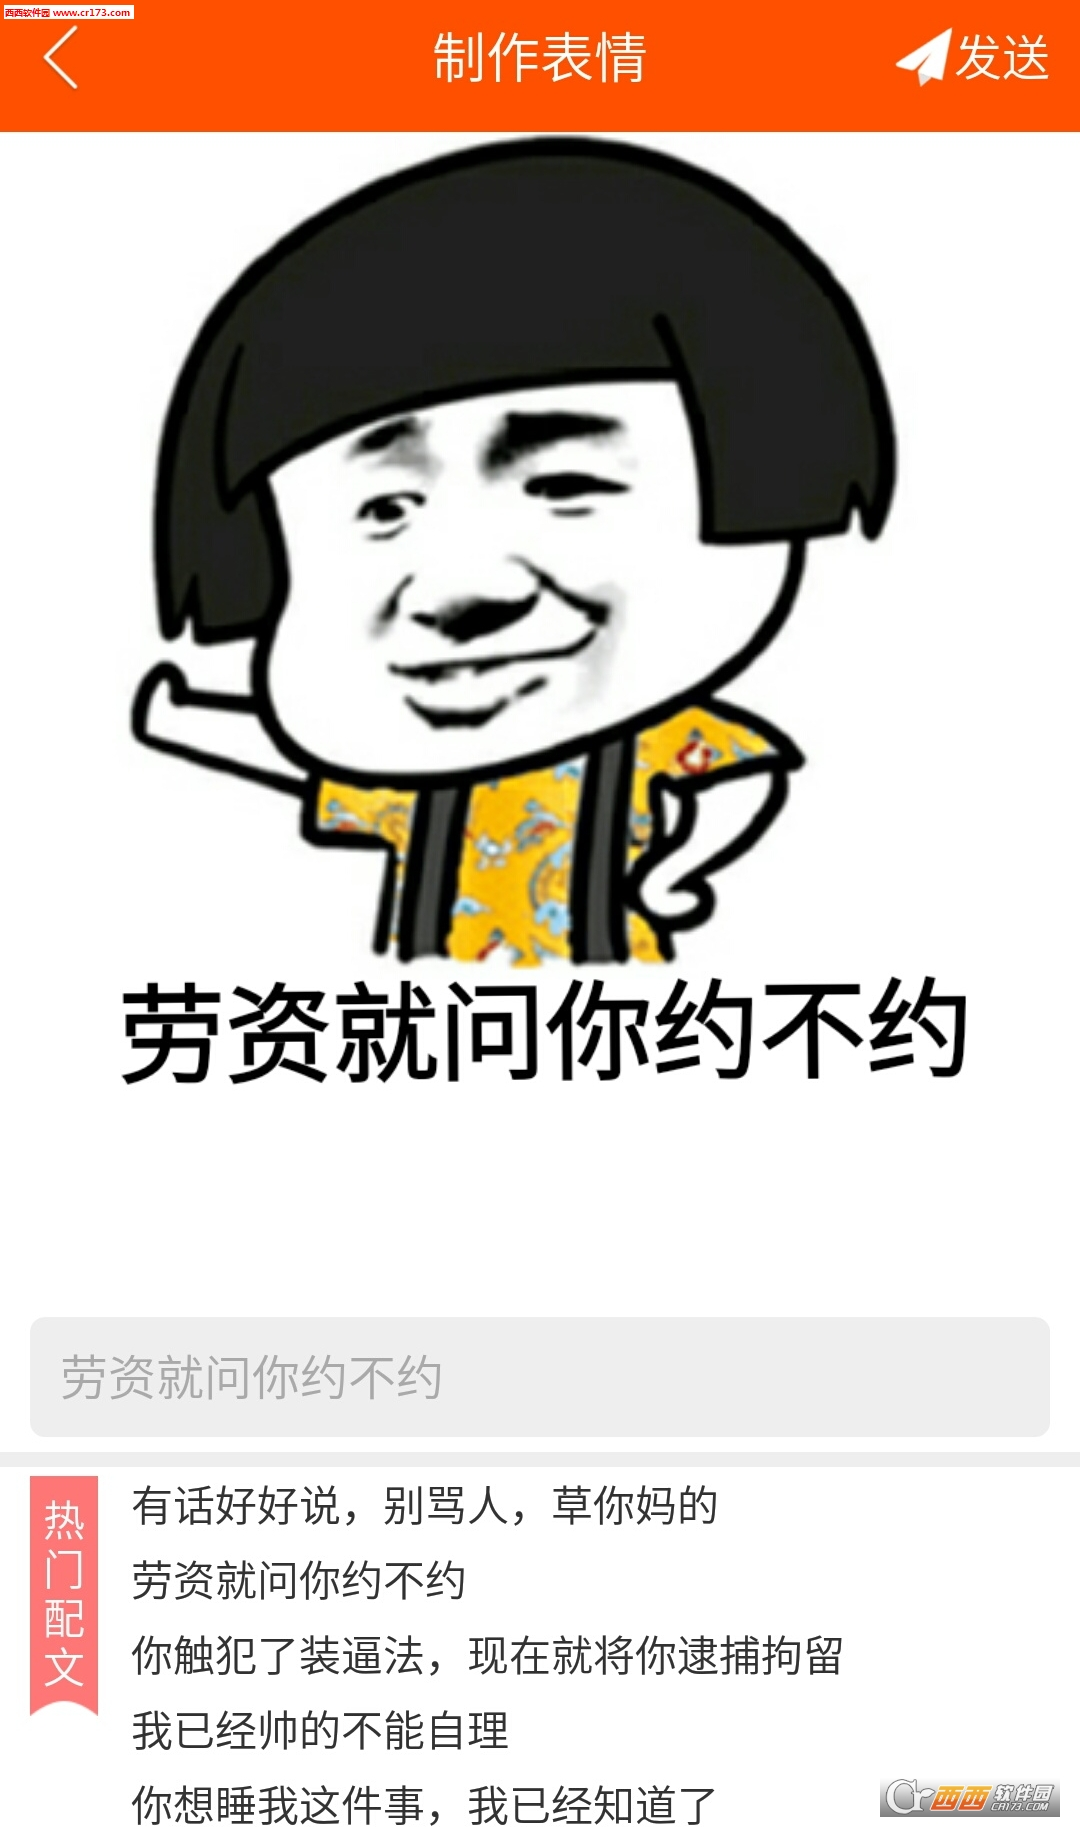 iPhone7plus微博朋友圈小尾巴插件 v3.0.4官方版